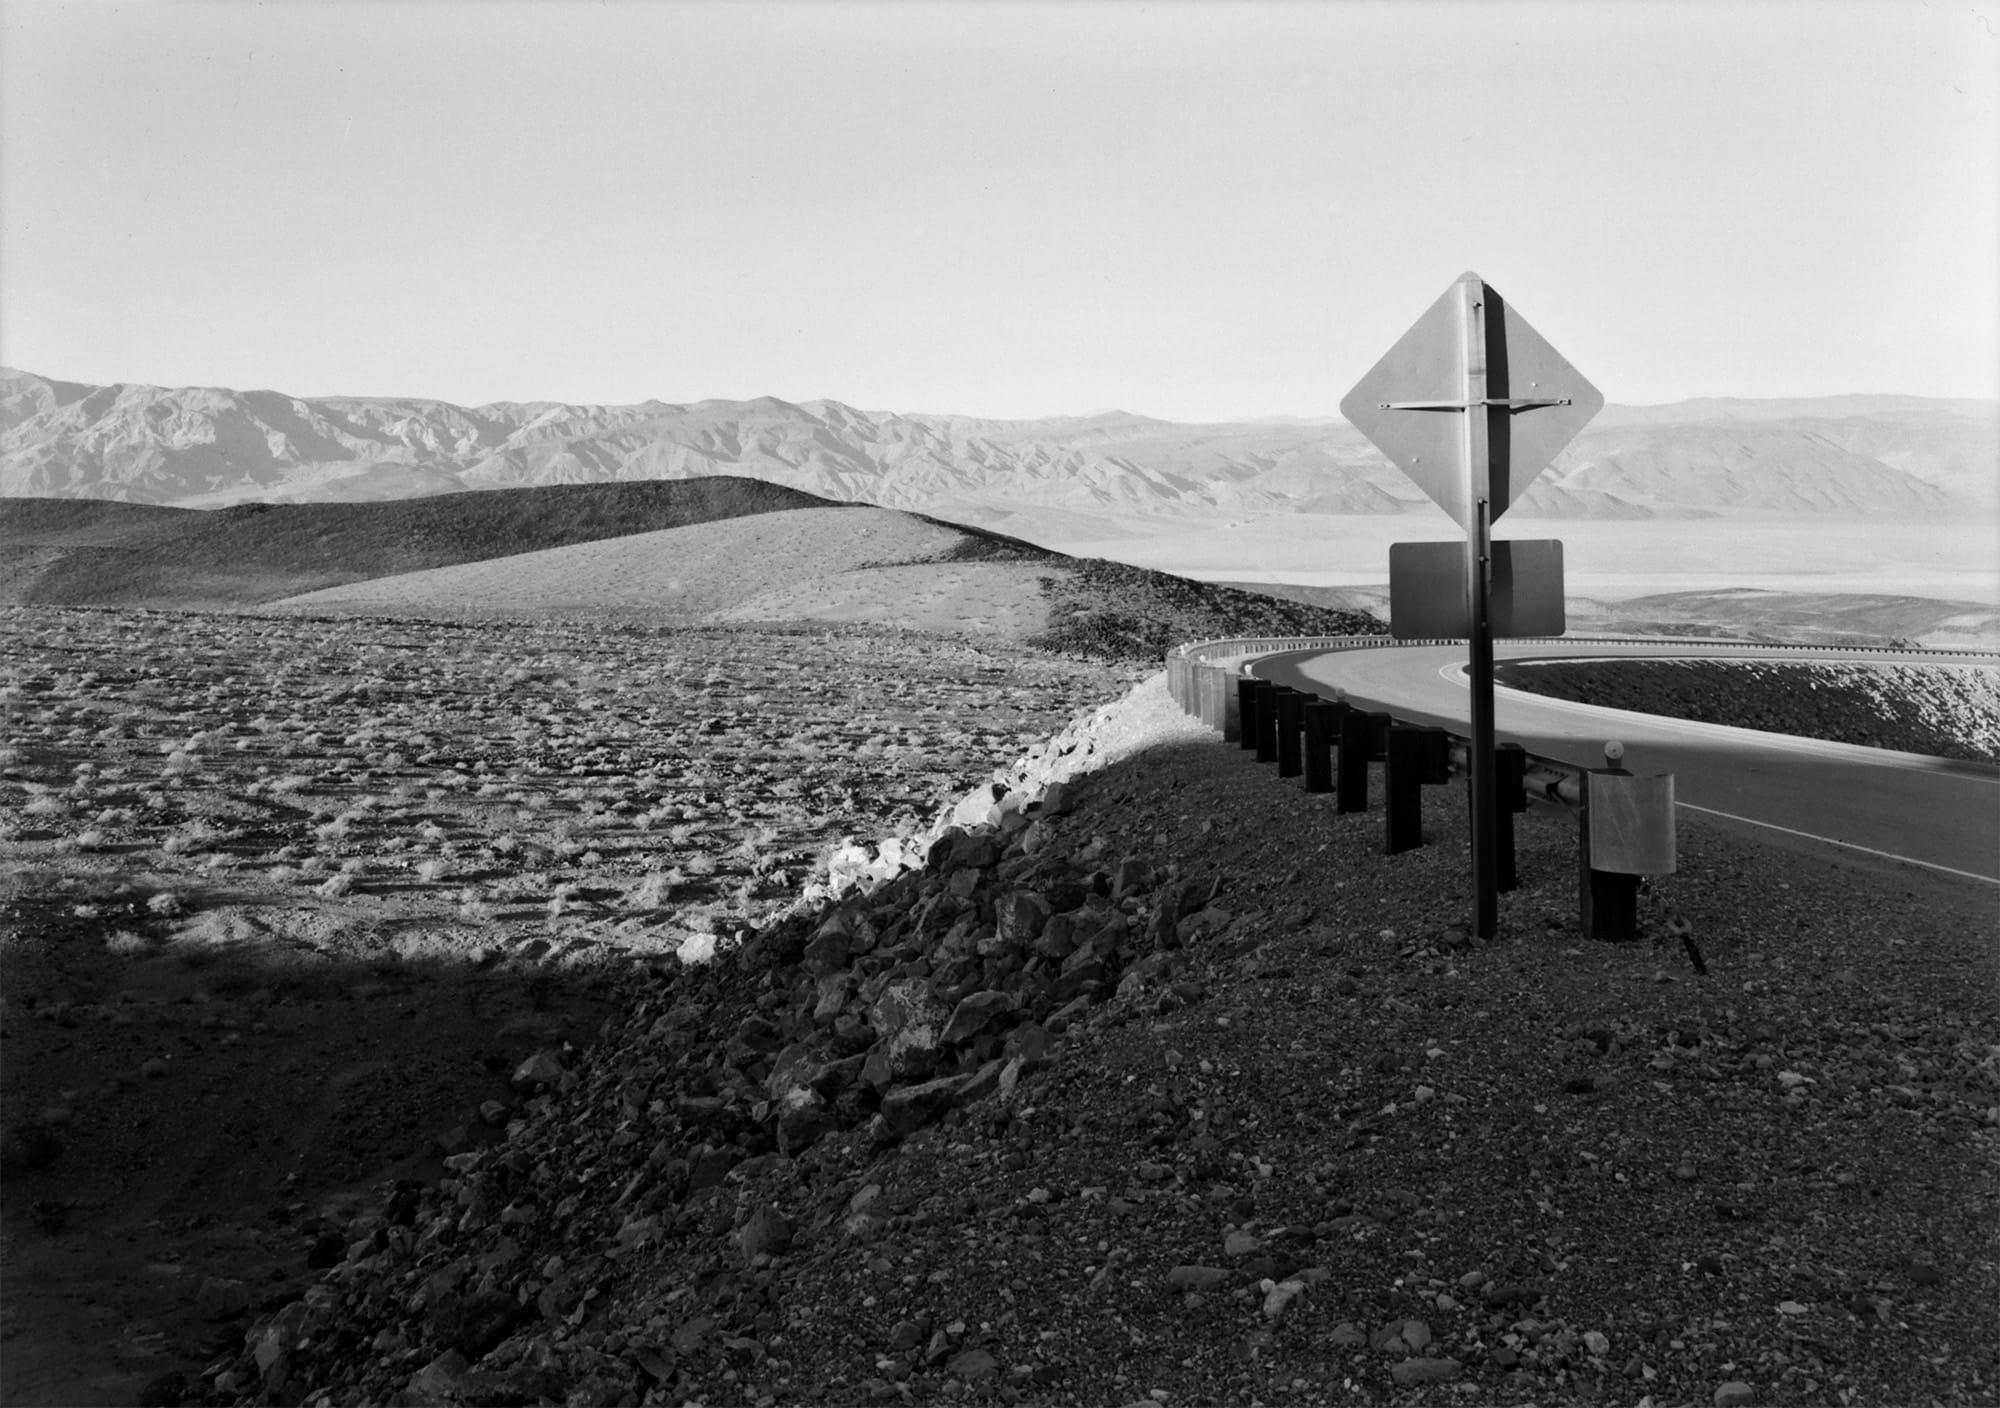 Death Valley, California, USA, 1975